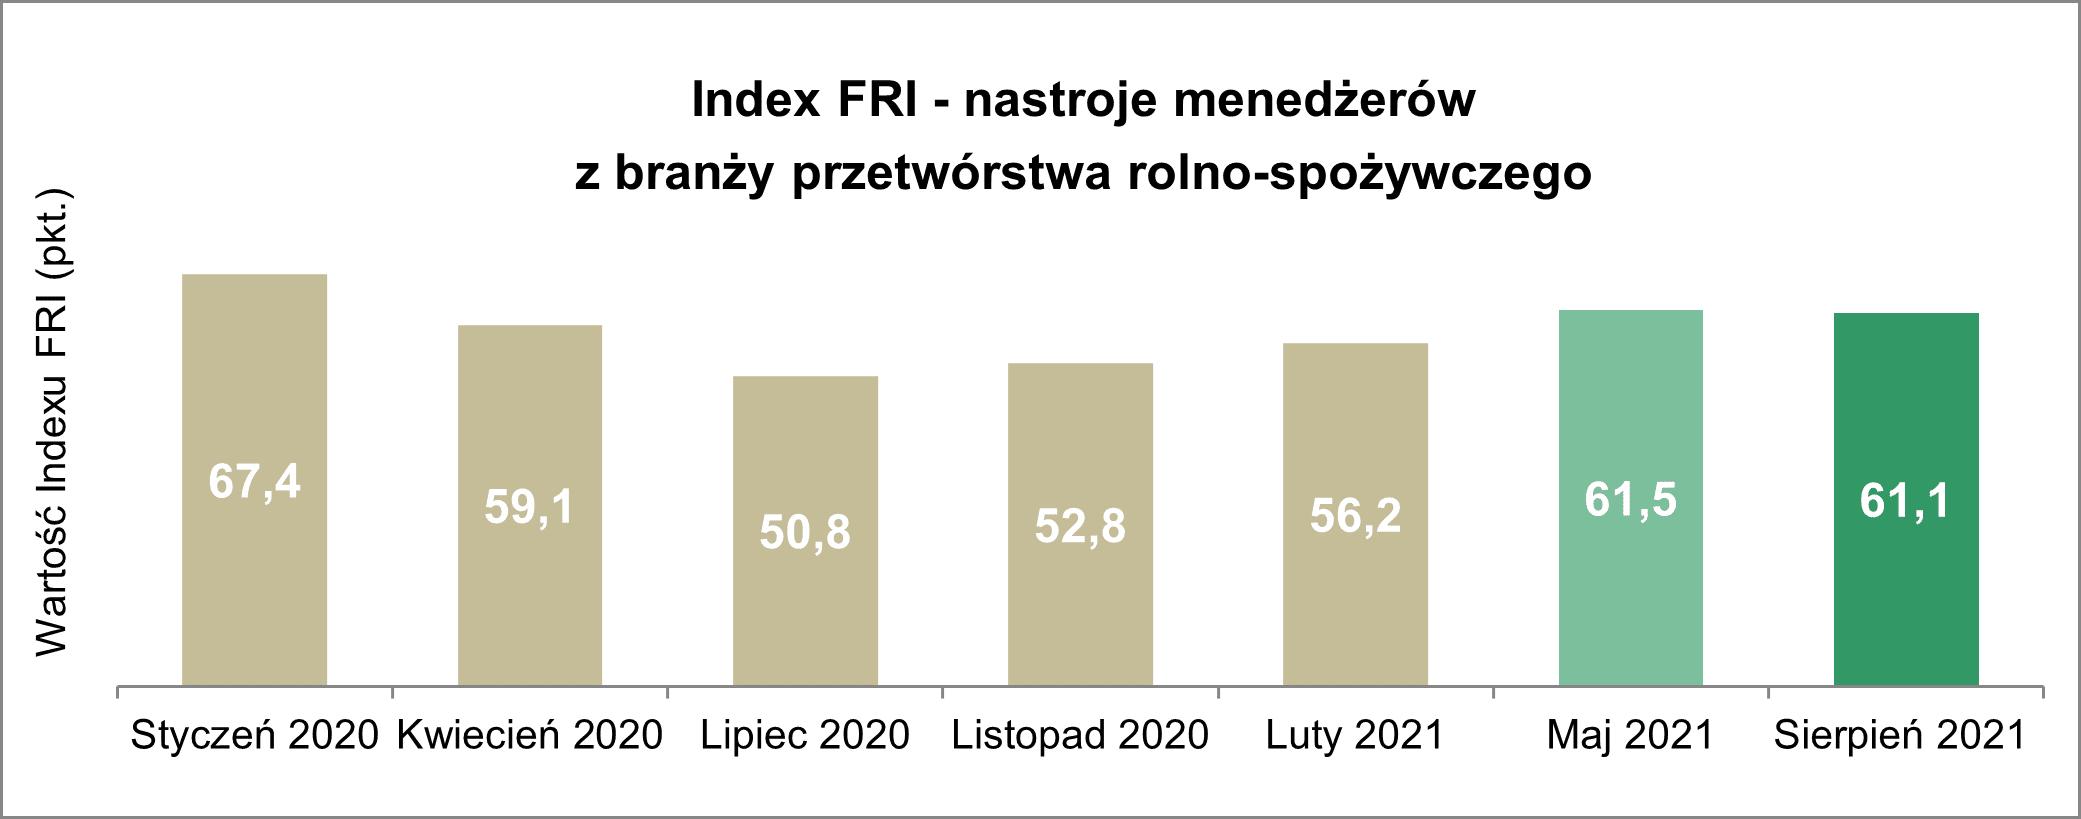 Nastroje menedżerów branży spożywczej przestały się poprawiać sierpniowy Index FRI